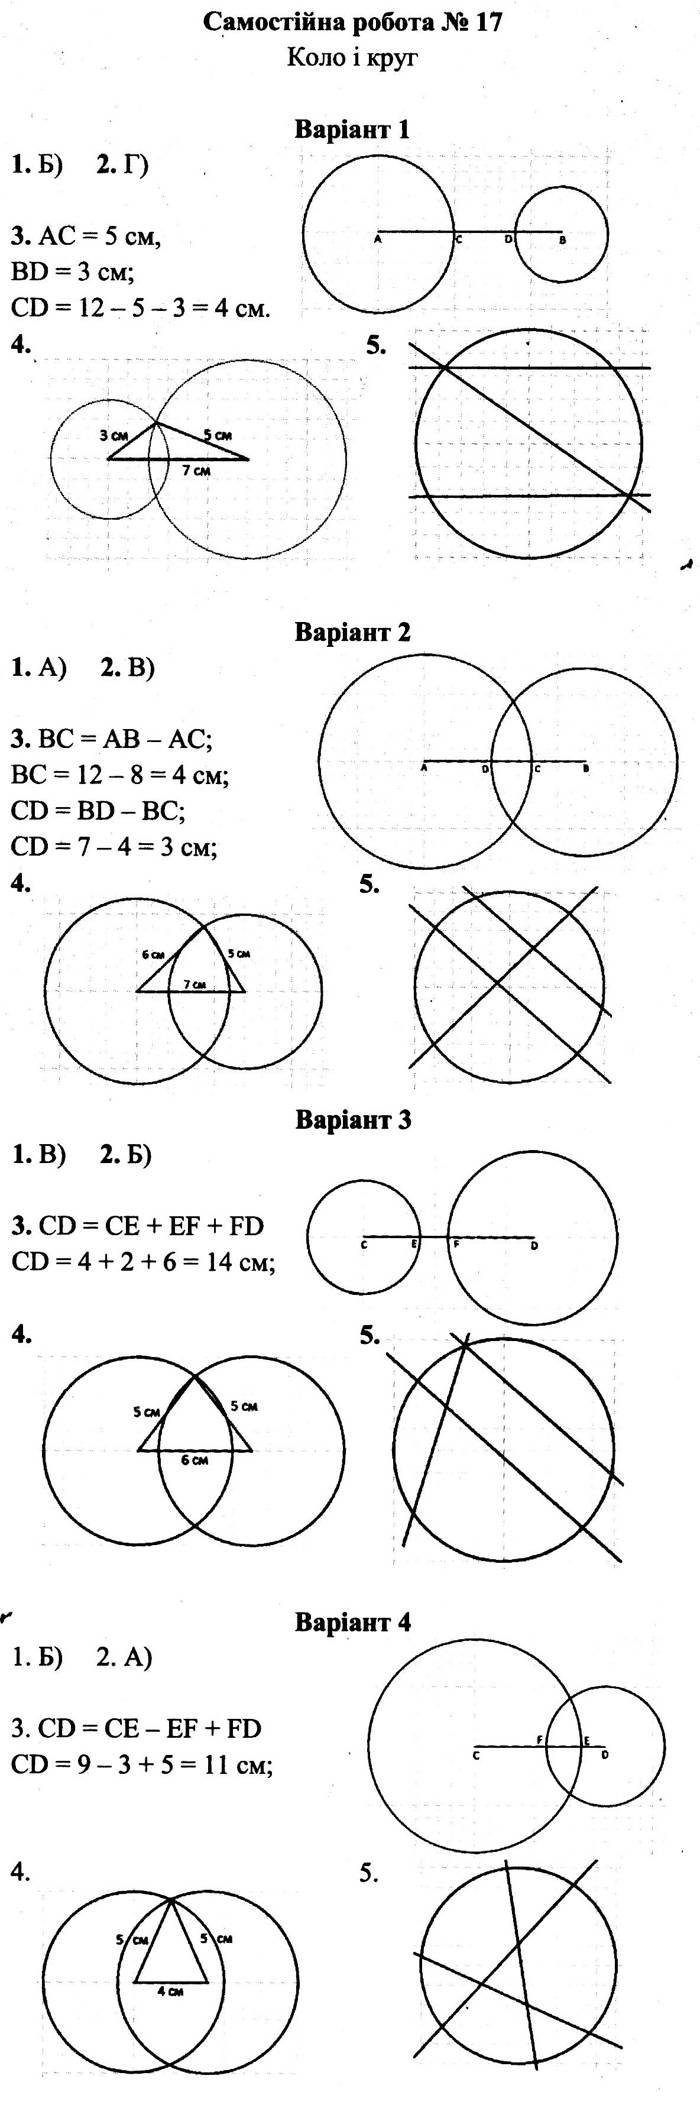 Розв'язання завдань до самостійної роботи 17 посібника 6 клас Математика Мерзляк (збірник самостійних робіт і тестів) 2020 рік